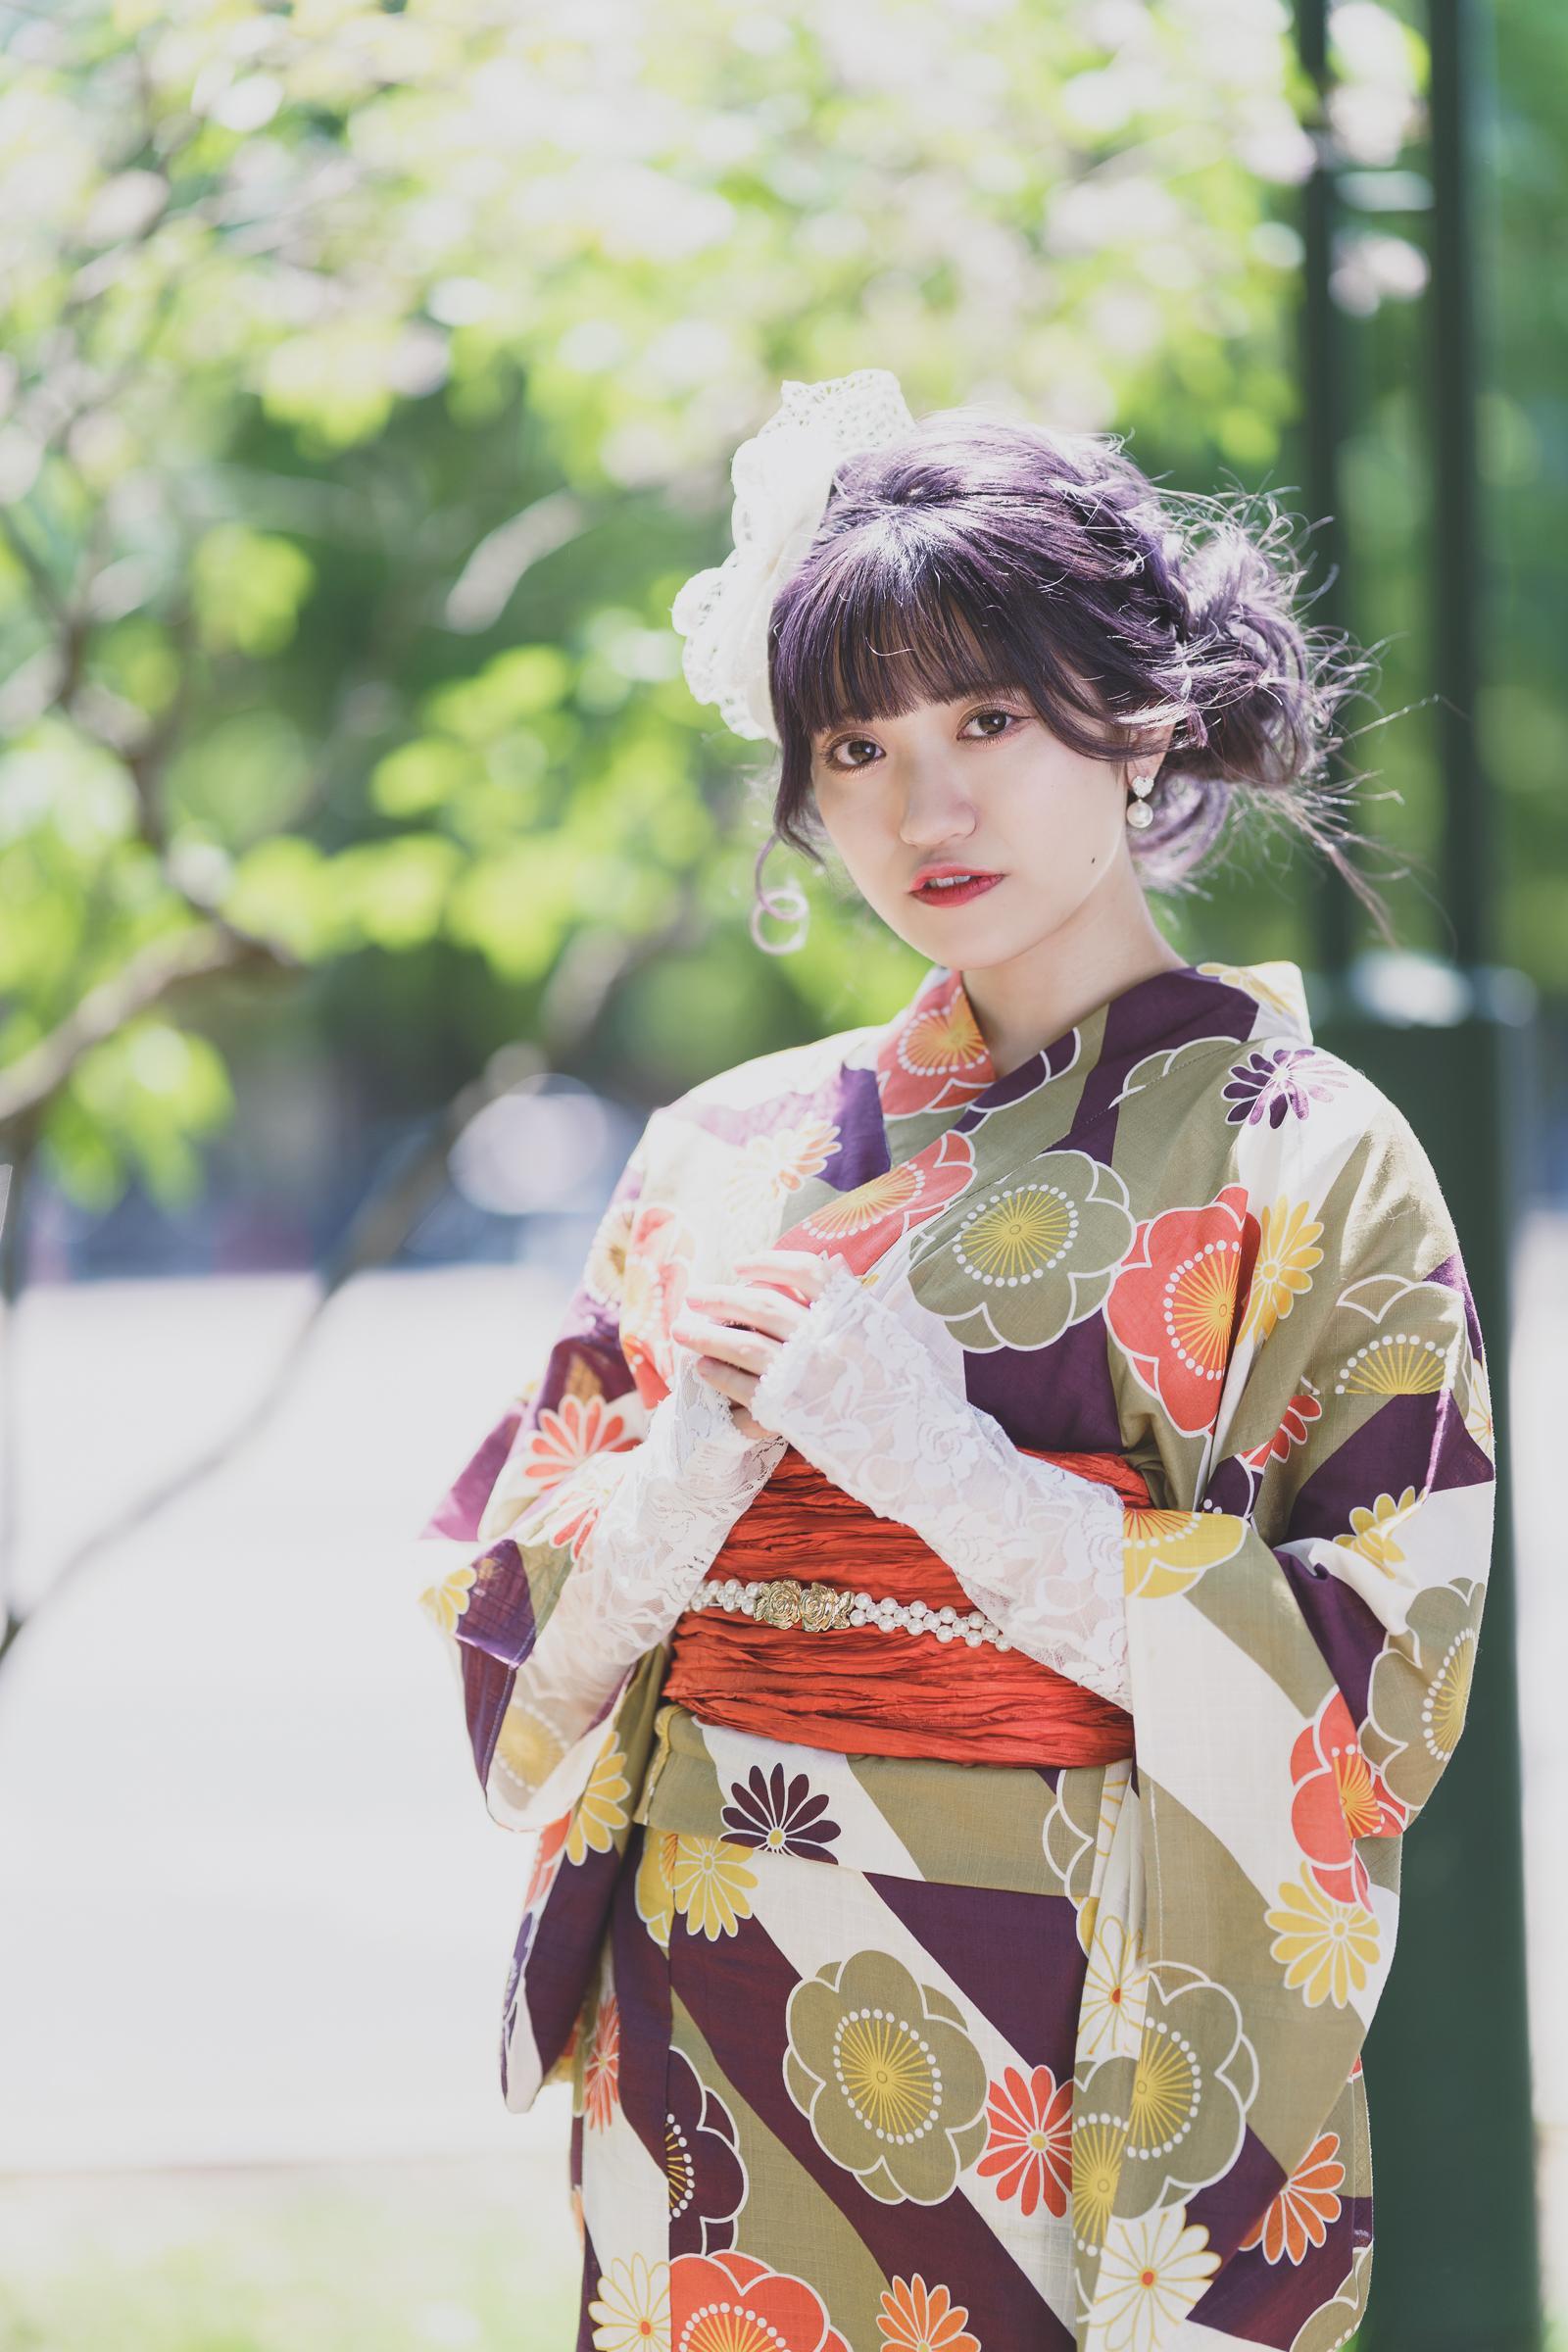 フルーティー♡ あおい ( 横山葵 ) | SMP 札幌モデルプロ 浴衣撮影会